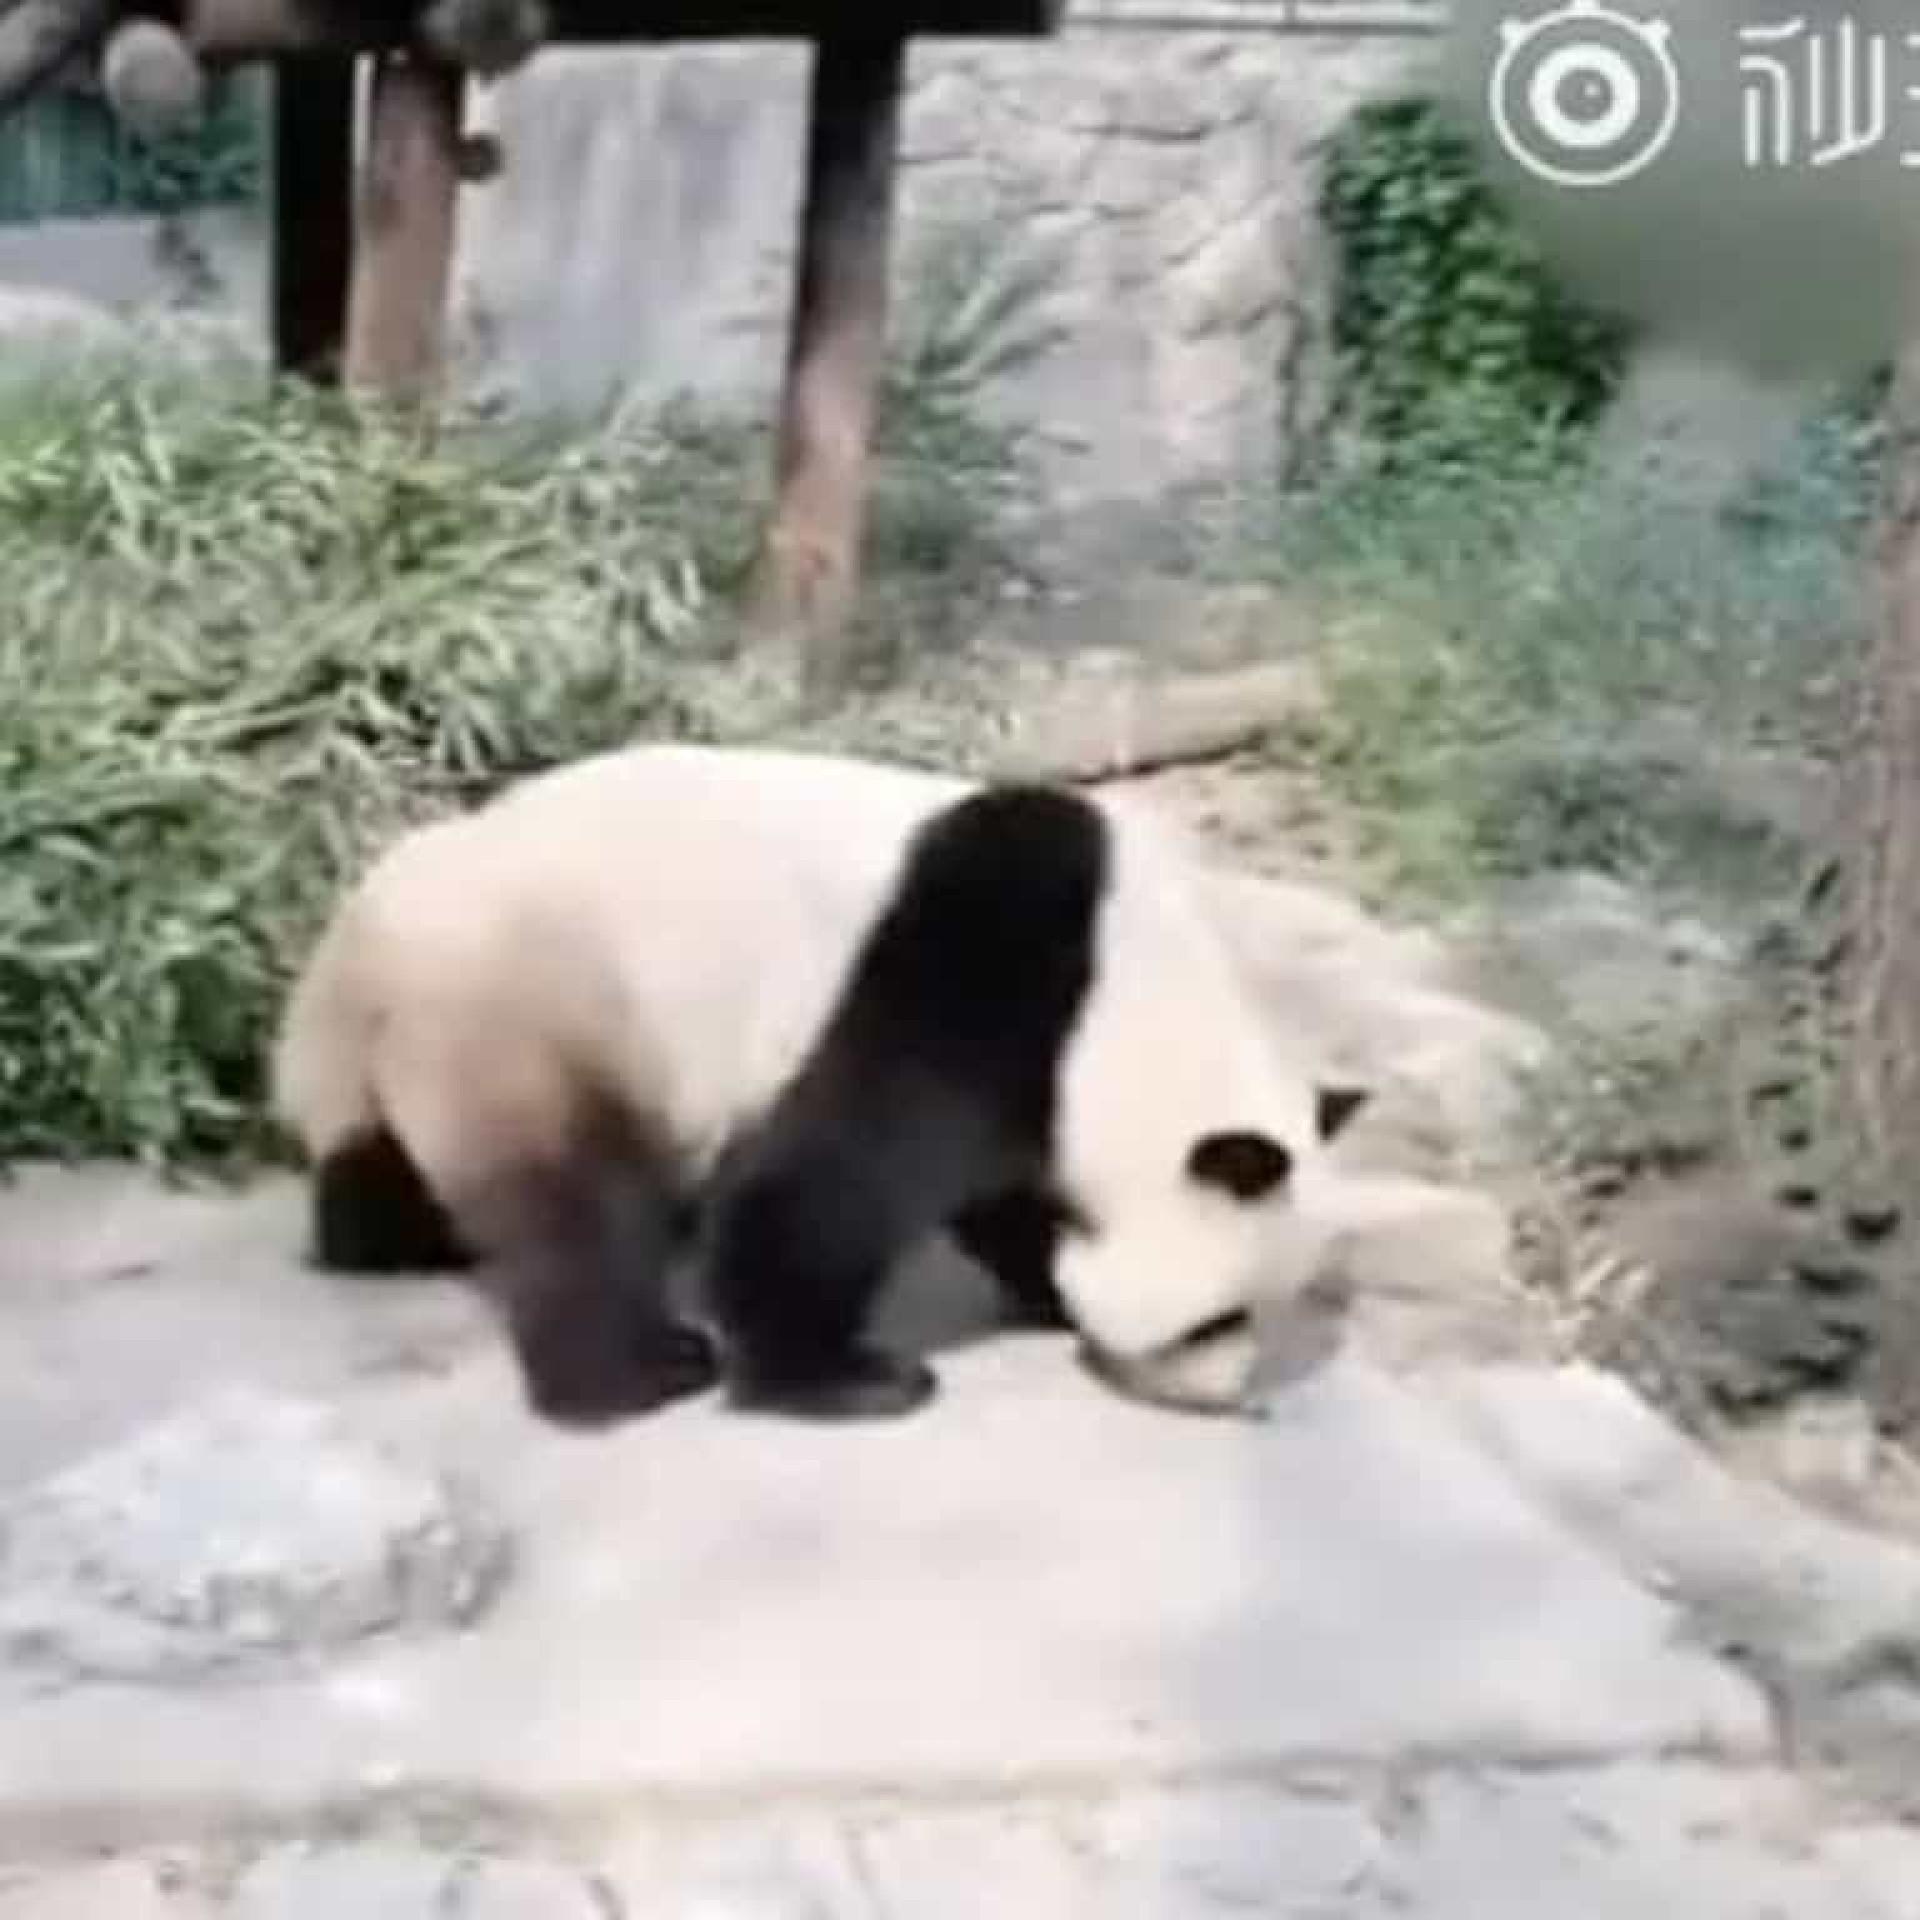 Turistas atiram pedras a panda gigante para o acordar em Zoo de Pequim